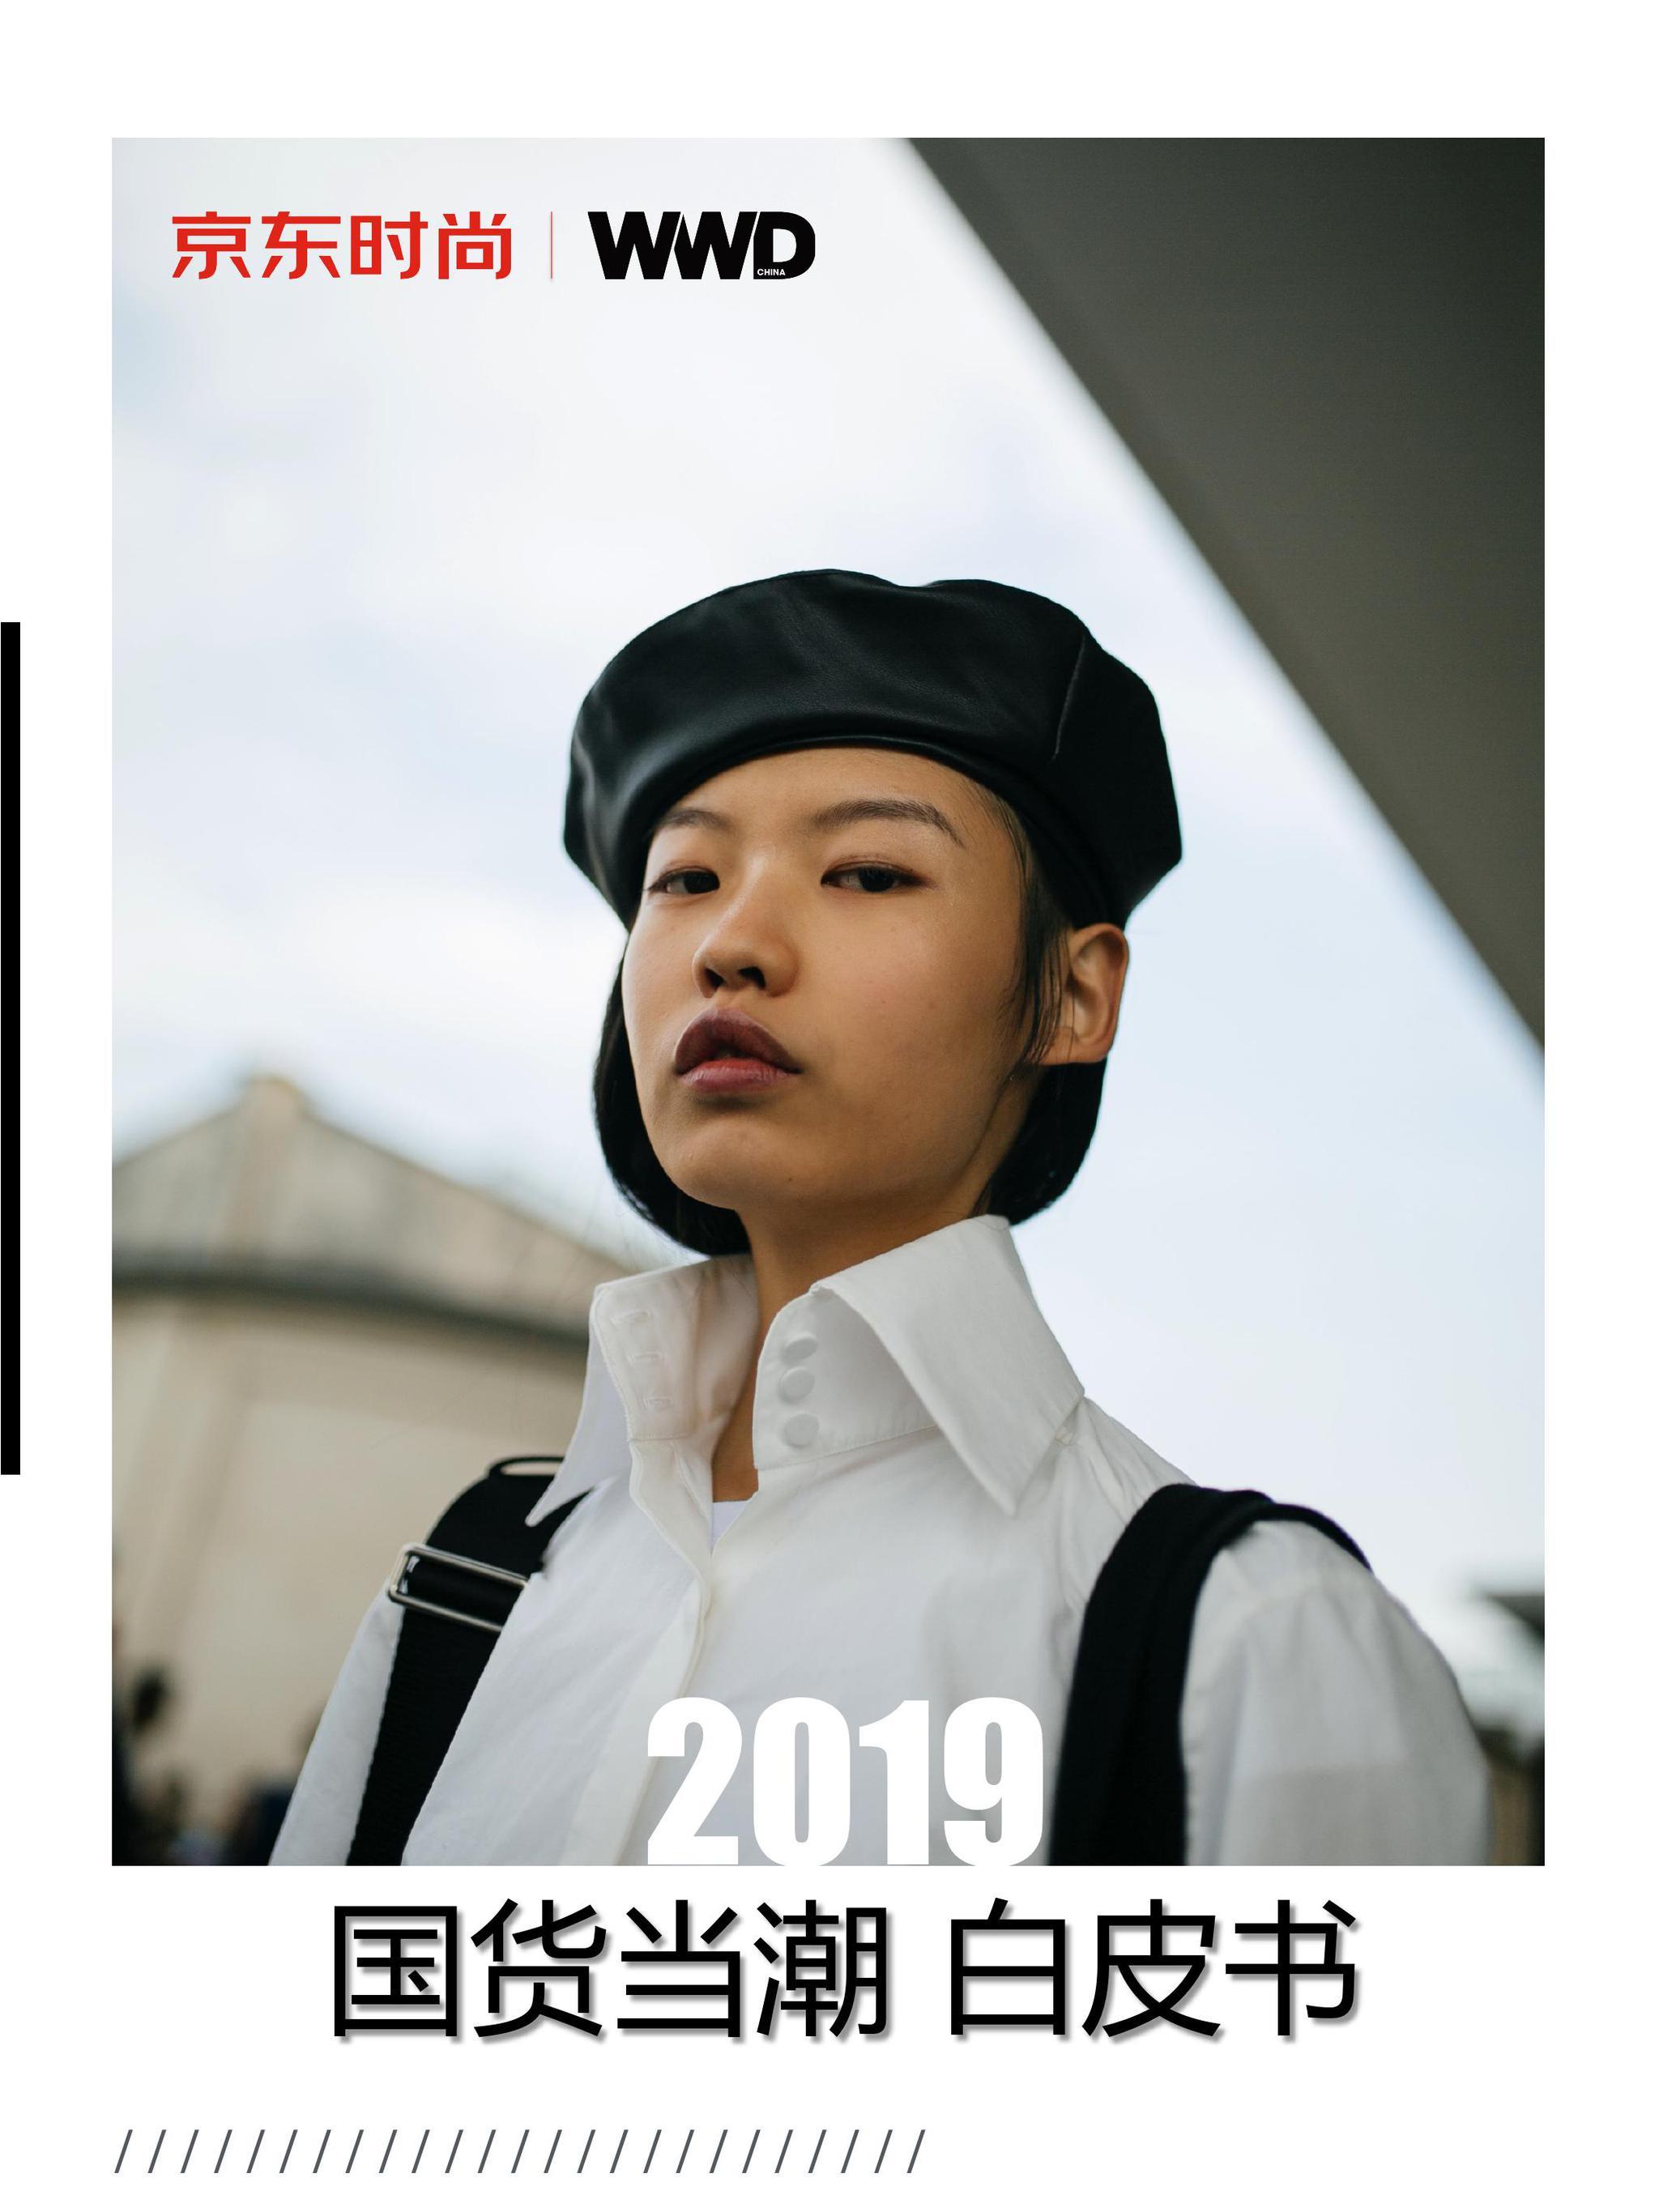 http://www.shangoudaohang.com/shengxian/257842.html